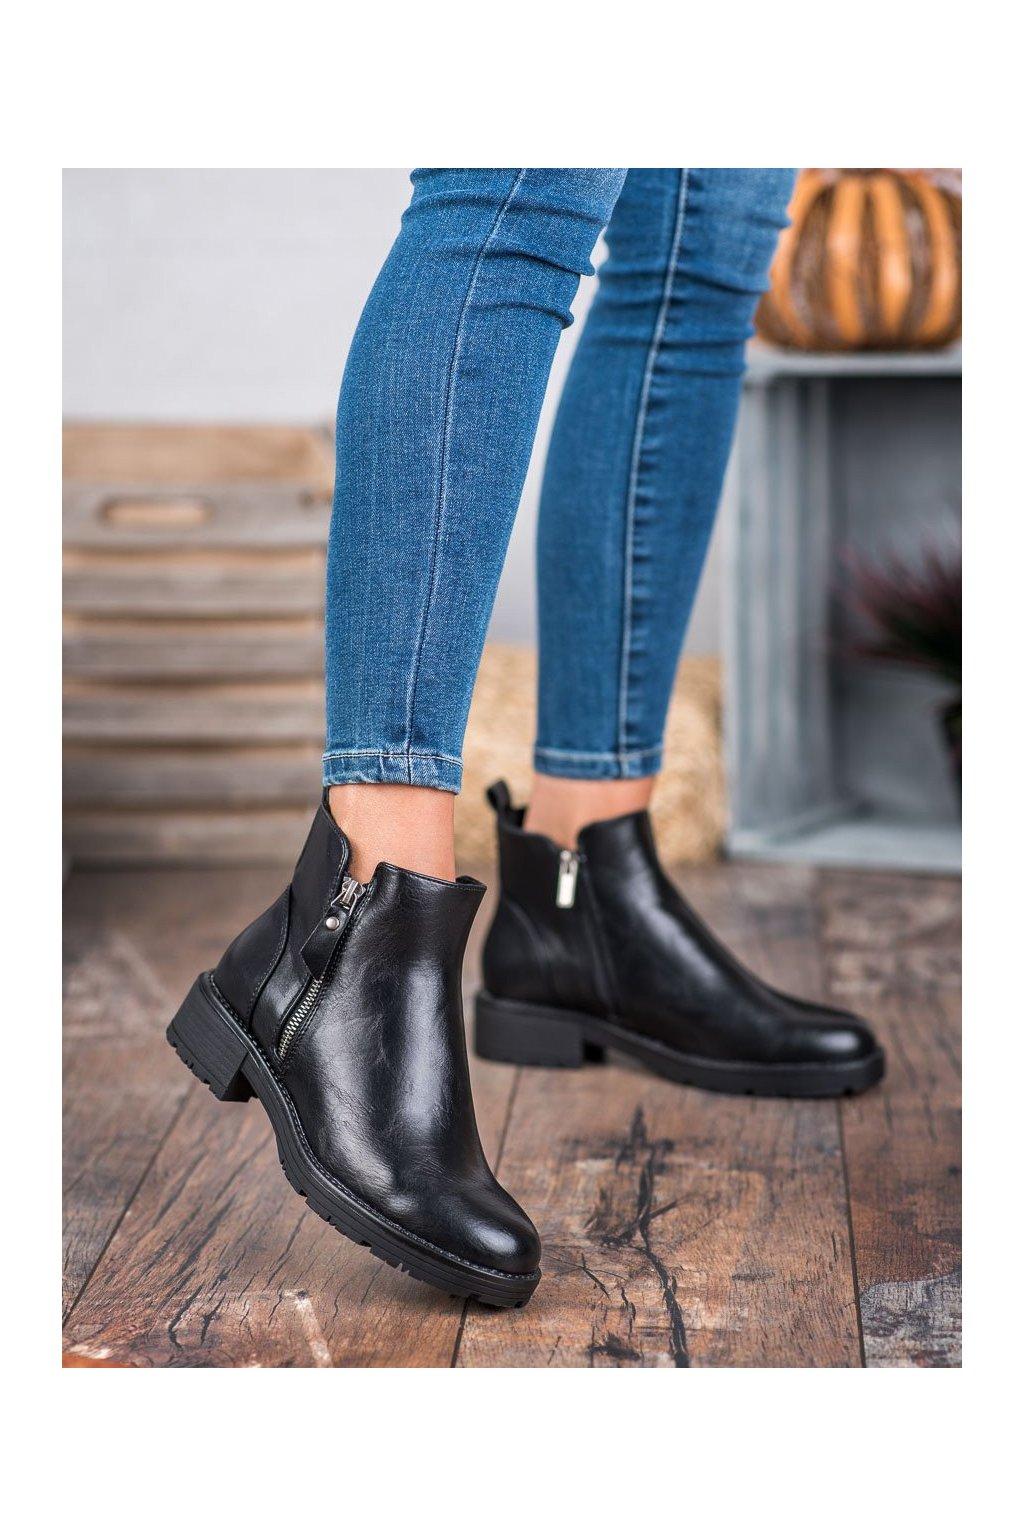 Čierne dámske topánky Vinceza kod XY20-10479B